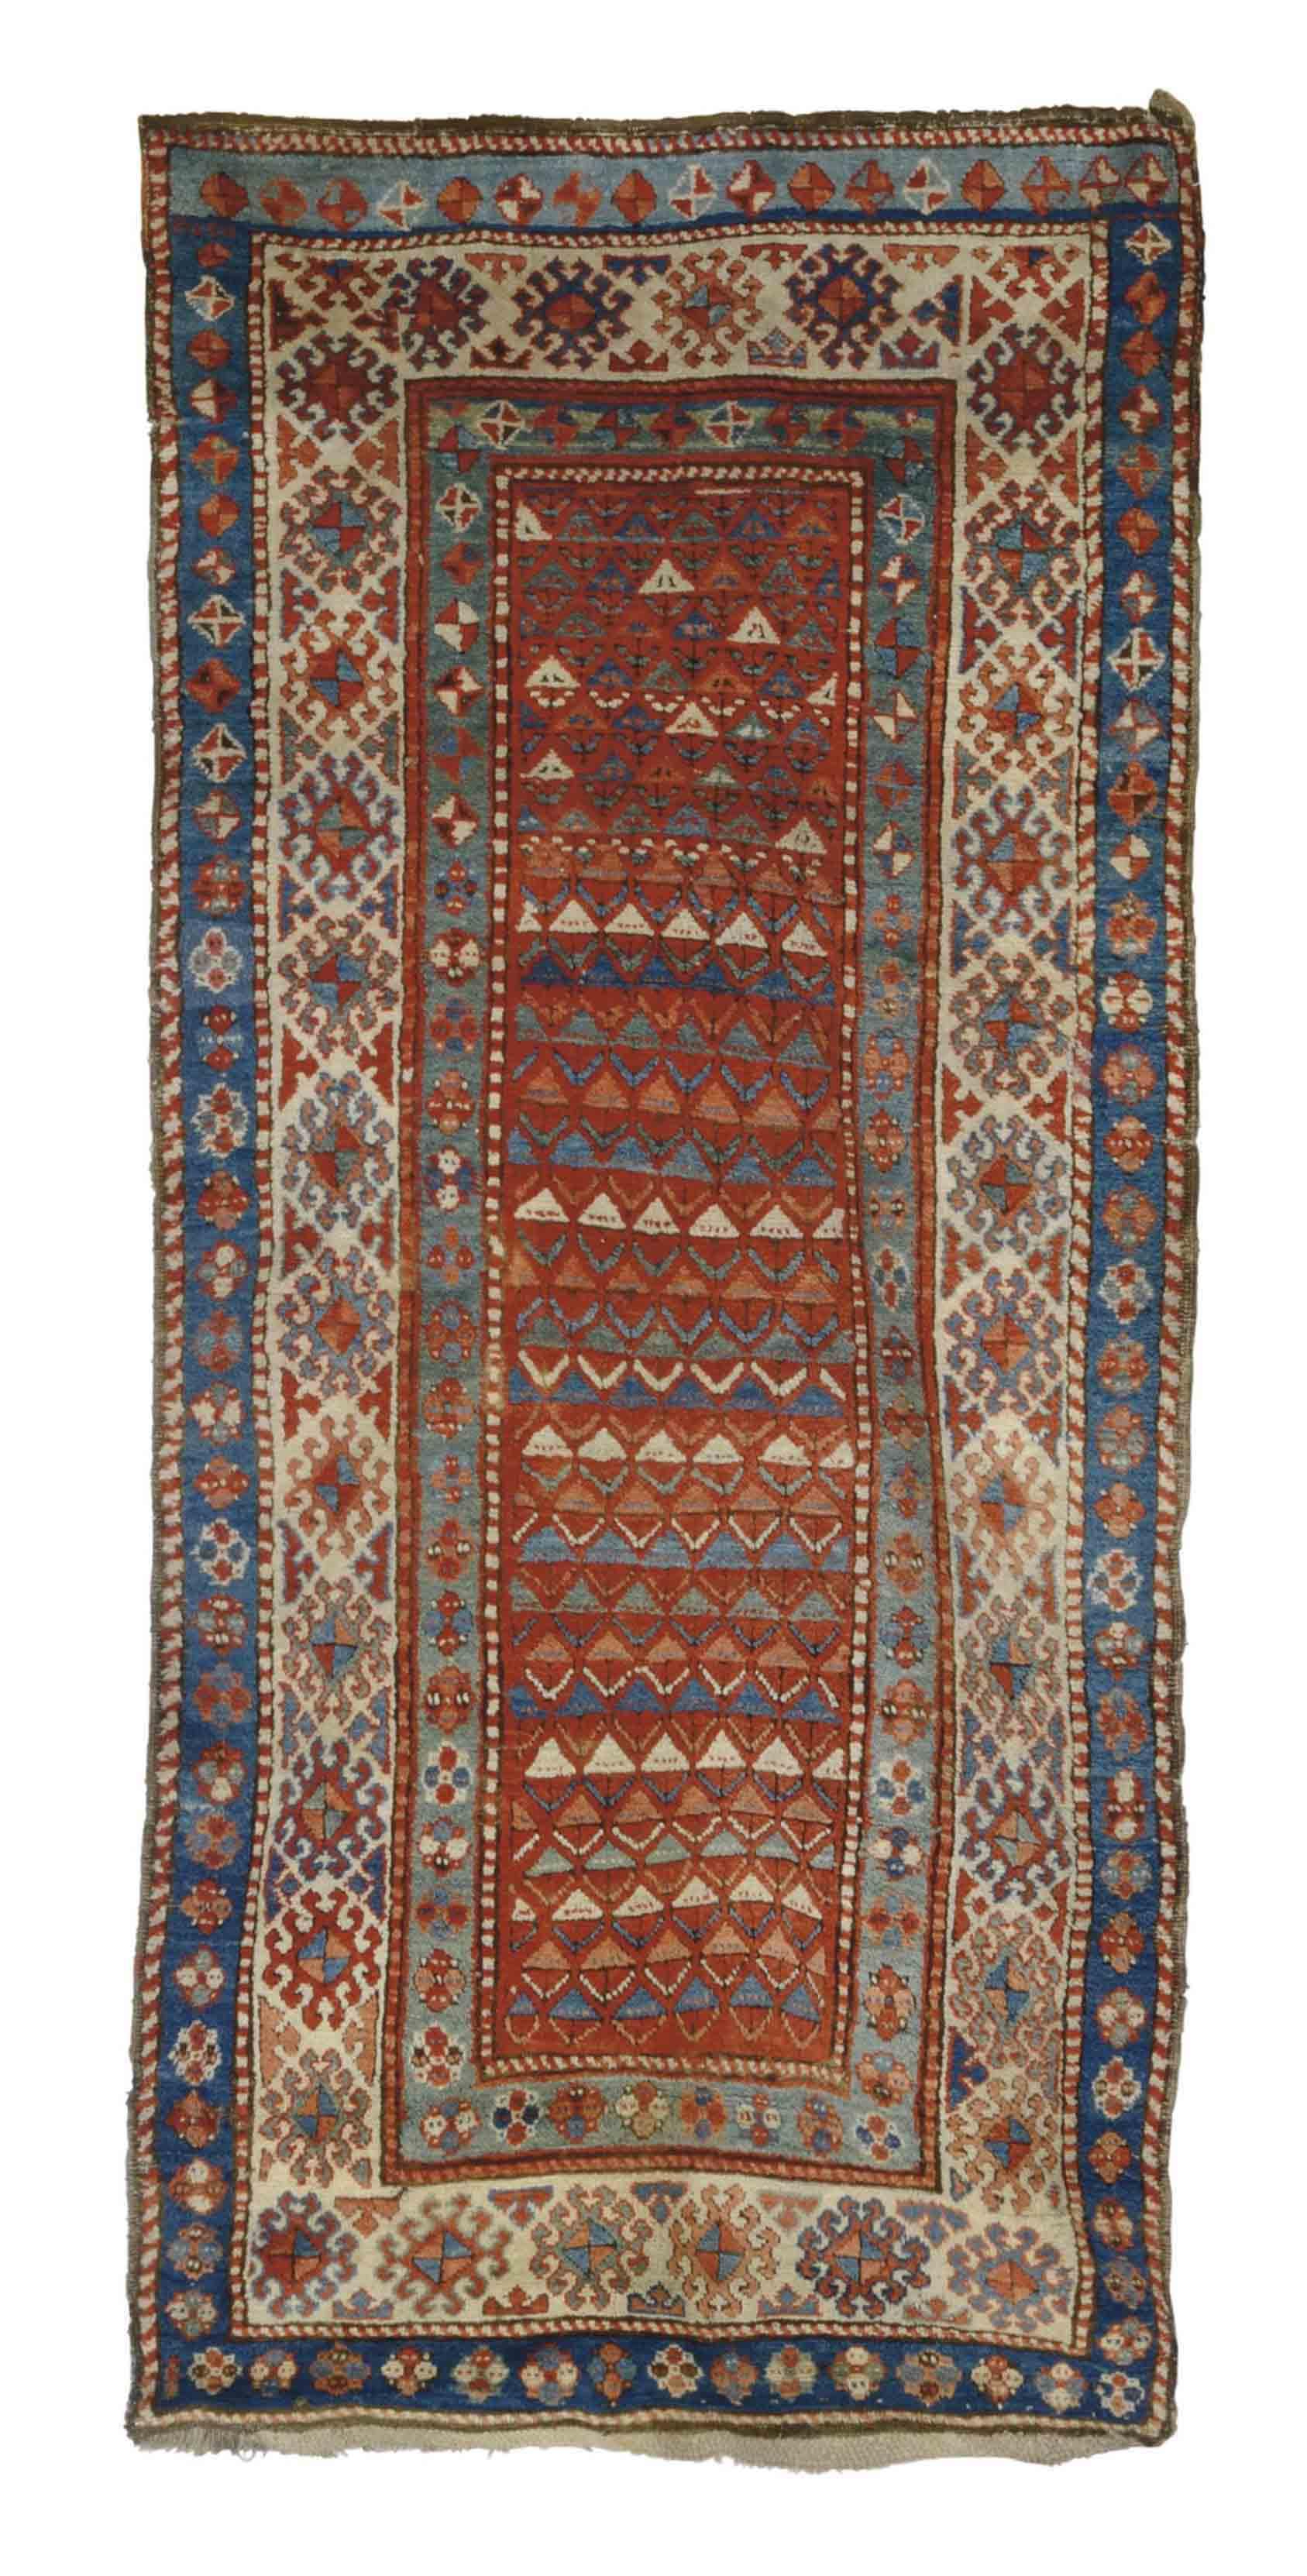 An antique Genje large rug